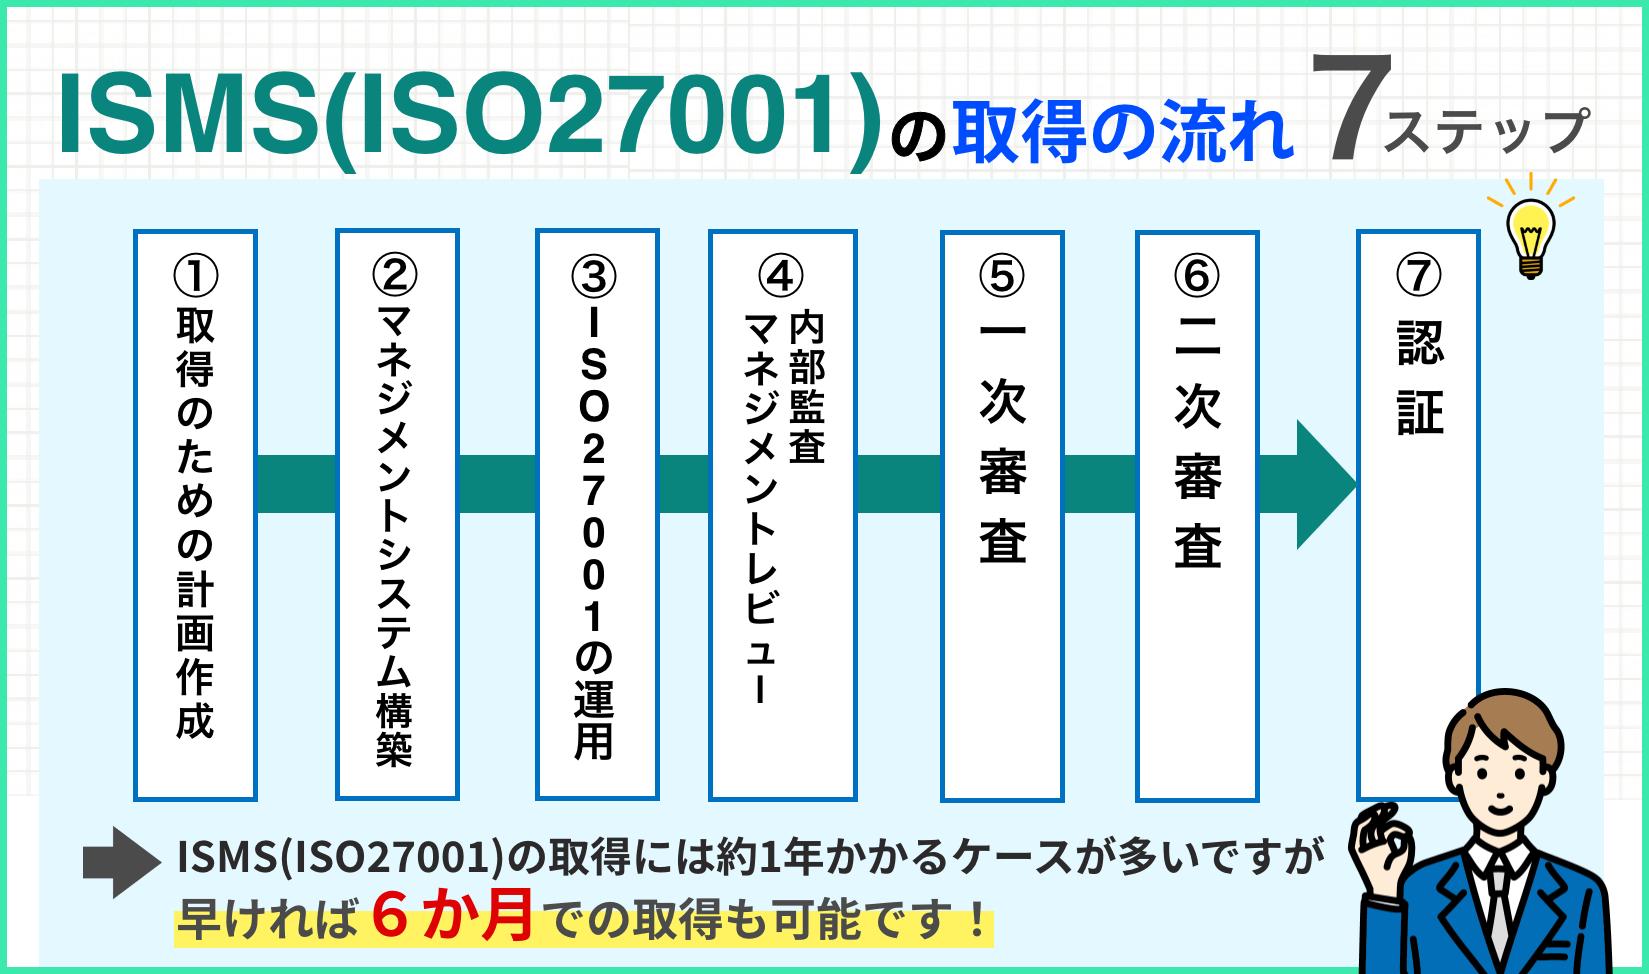 ISMS(ISO27001)取得の流れとスケジュール:7ステップ